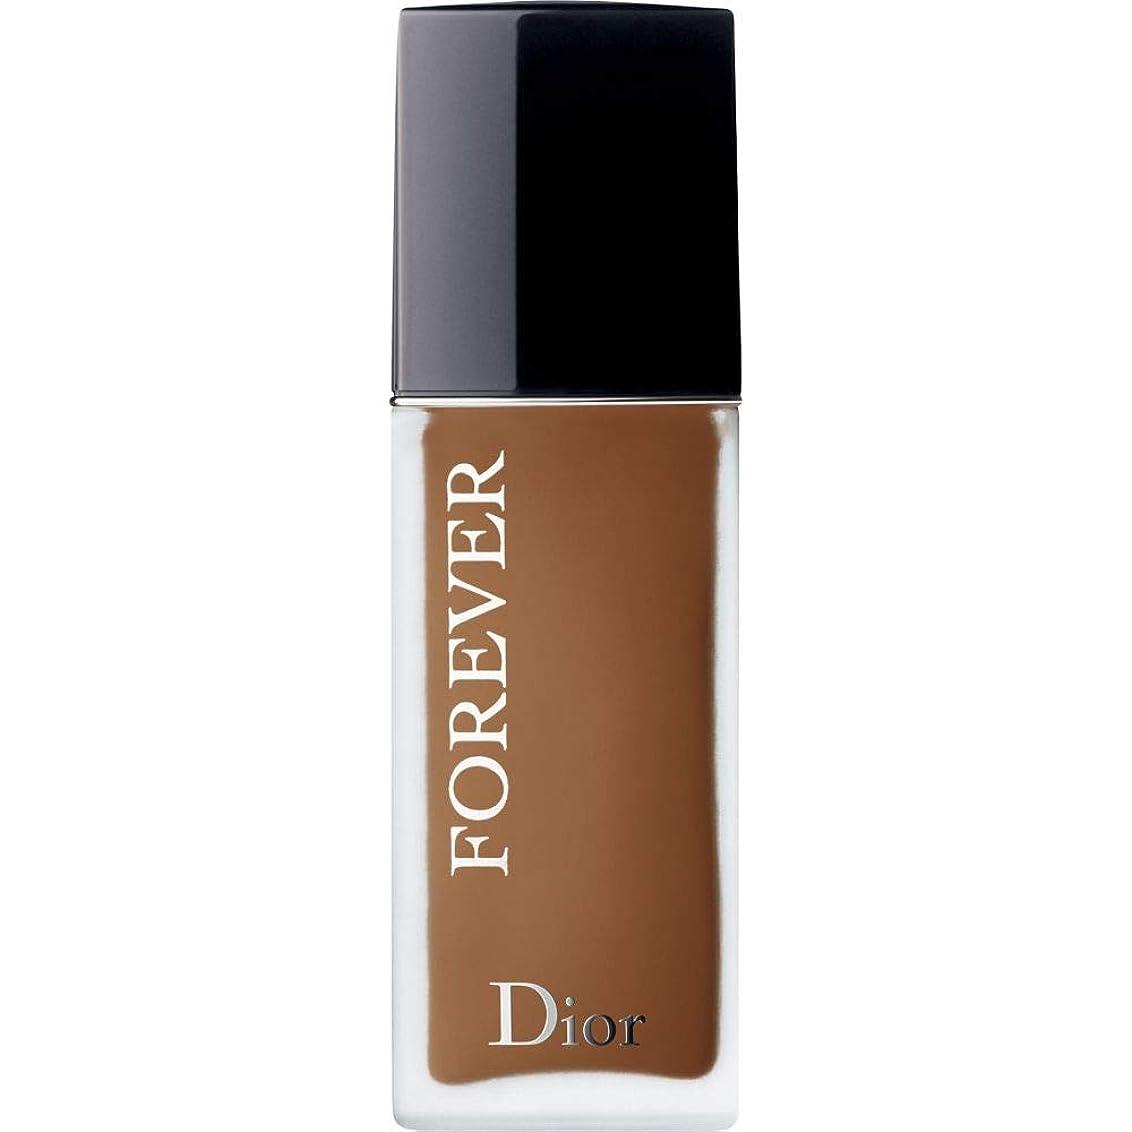 共感するホバー献身[Dior ] ディオール永遠皮膚思いやりの基盤Spf35 30ミリリットルの7N - ニュートラル(つや消し) - DIOR Forever Skin-Caring Foundation SPF35 30ml 7N - Neutral (Matte) [並行輸入品]